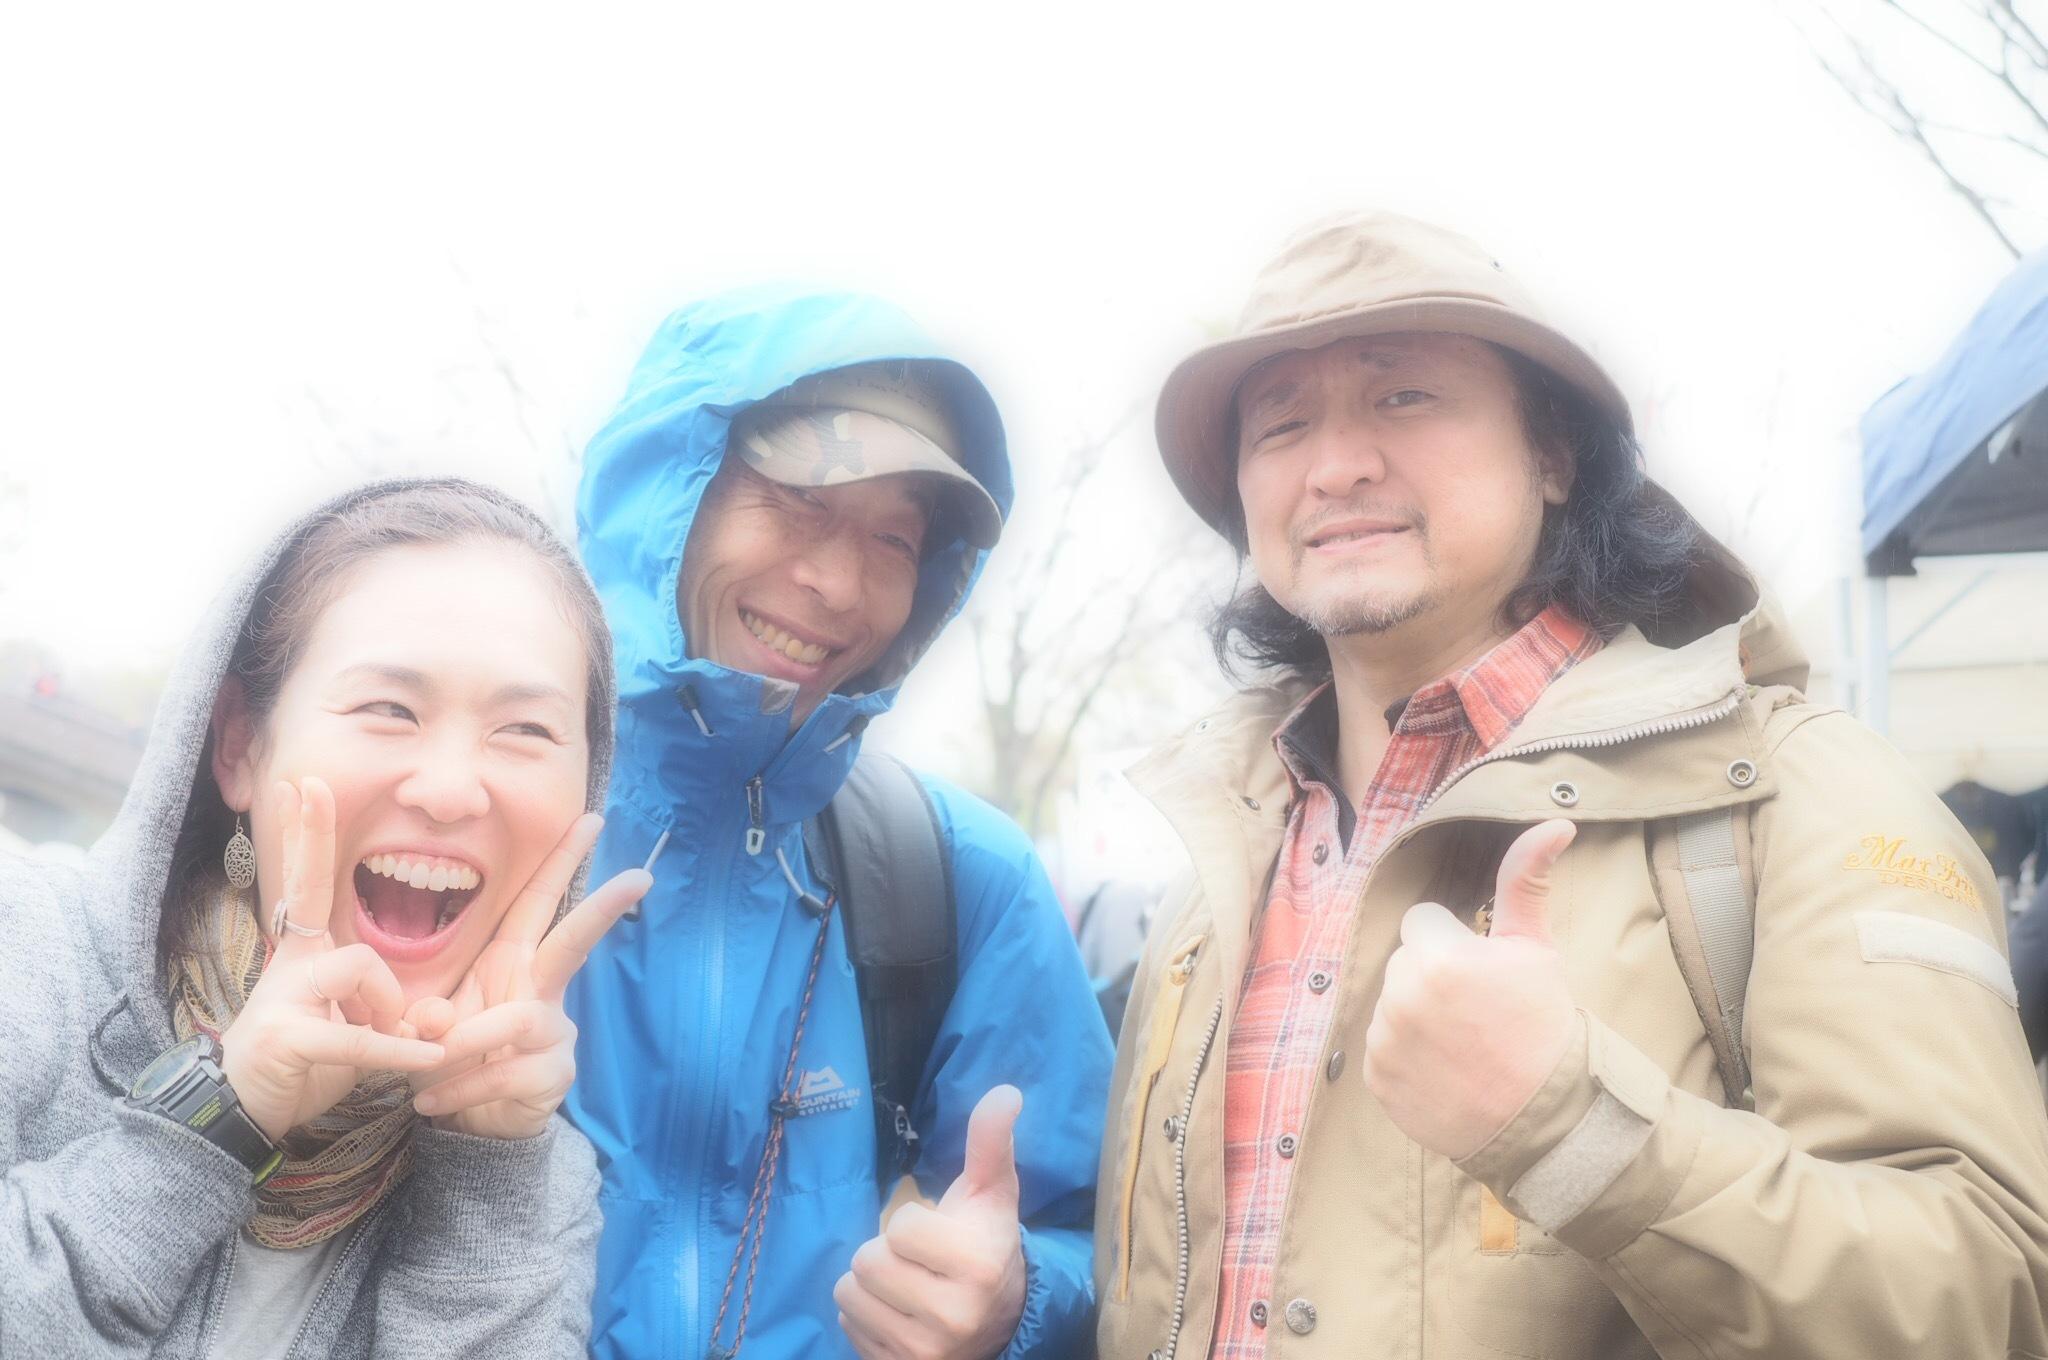 【Photo】アウトドアデイジャパン「笑顔」コレクション!_b0008655_21515078.jpg